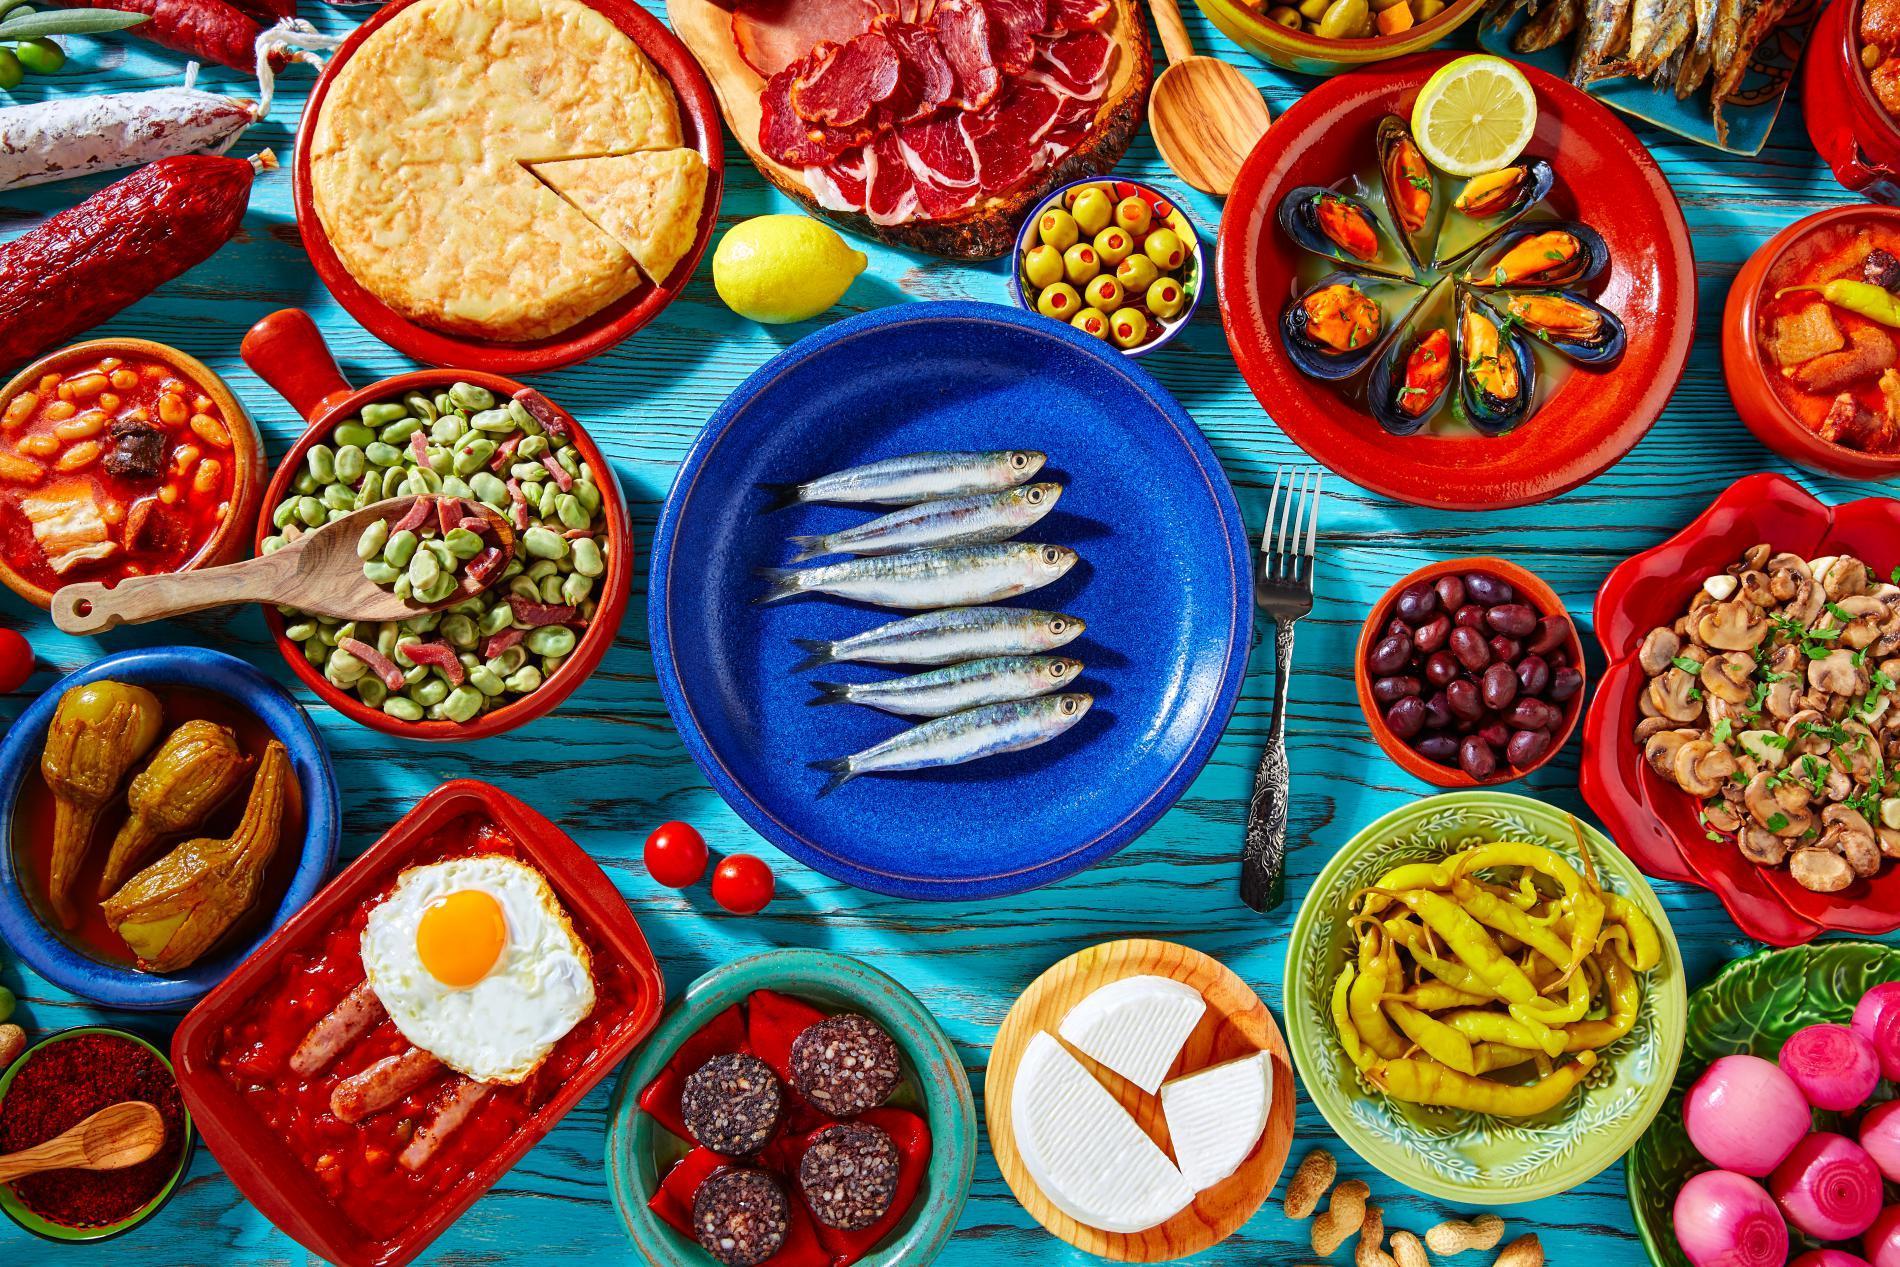 recettes cuisine espagnole recettes faciles et rapides cuisine madame figaro. Black Bedroom Furniture Sets. Home Design Ideas